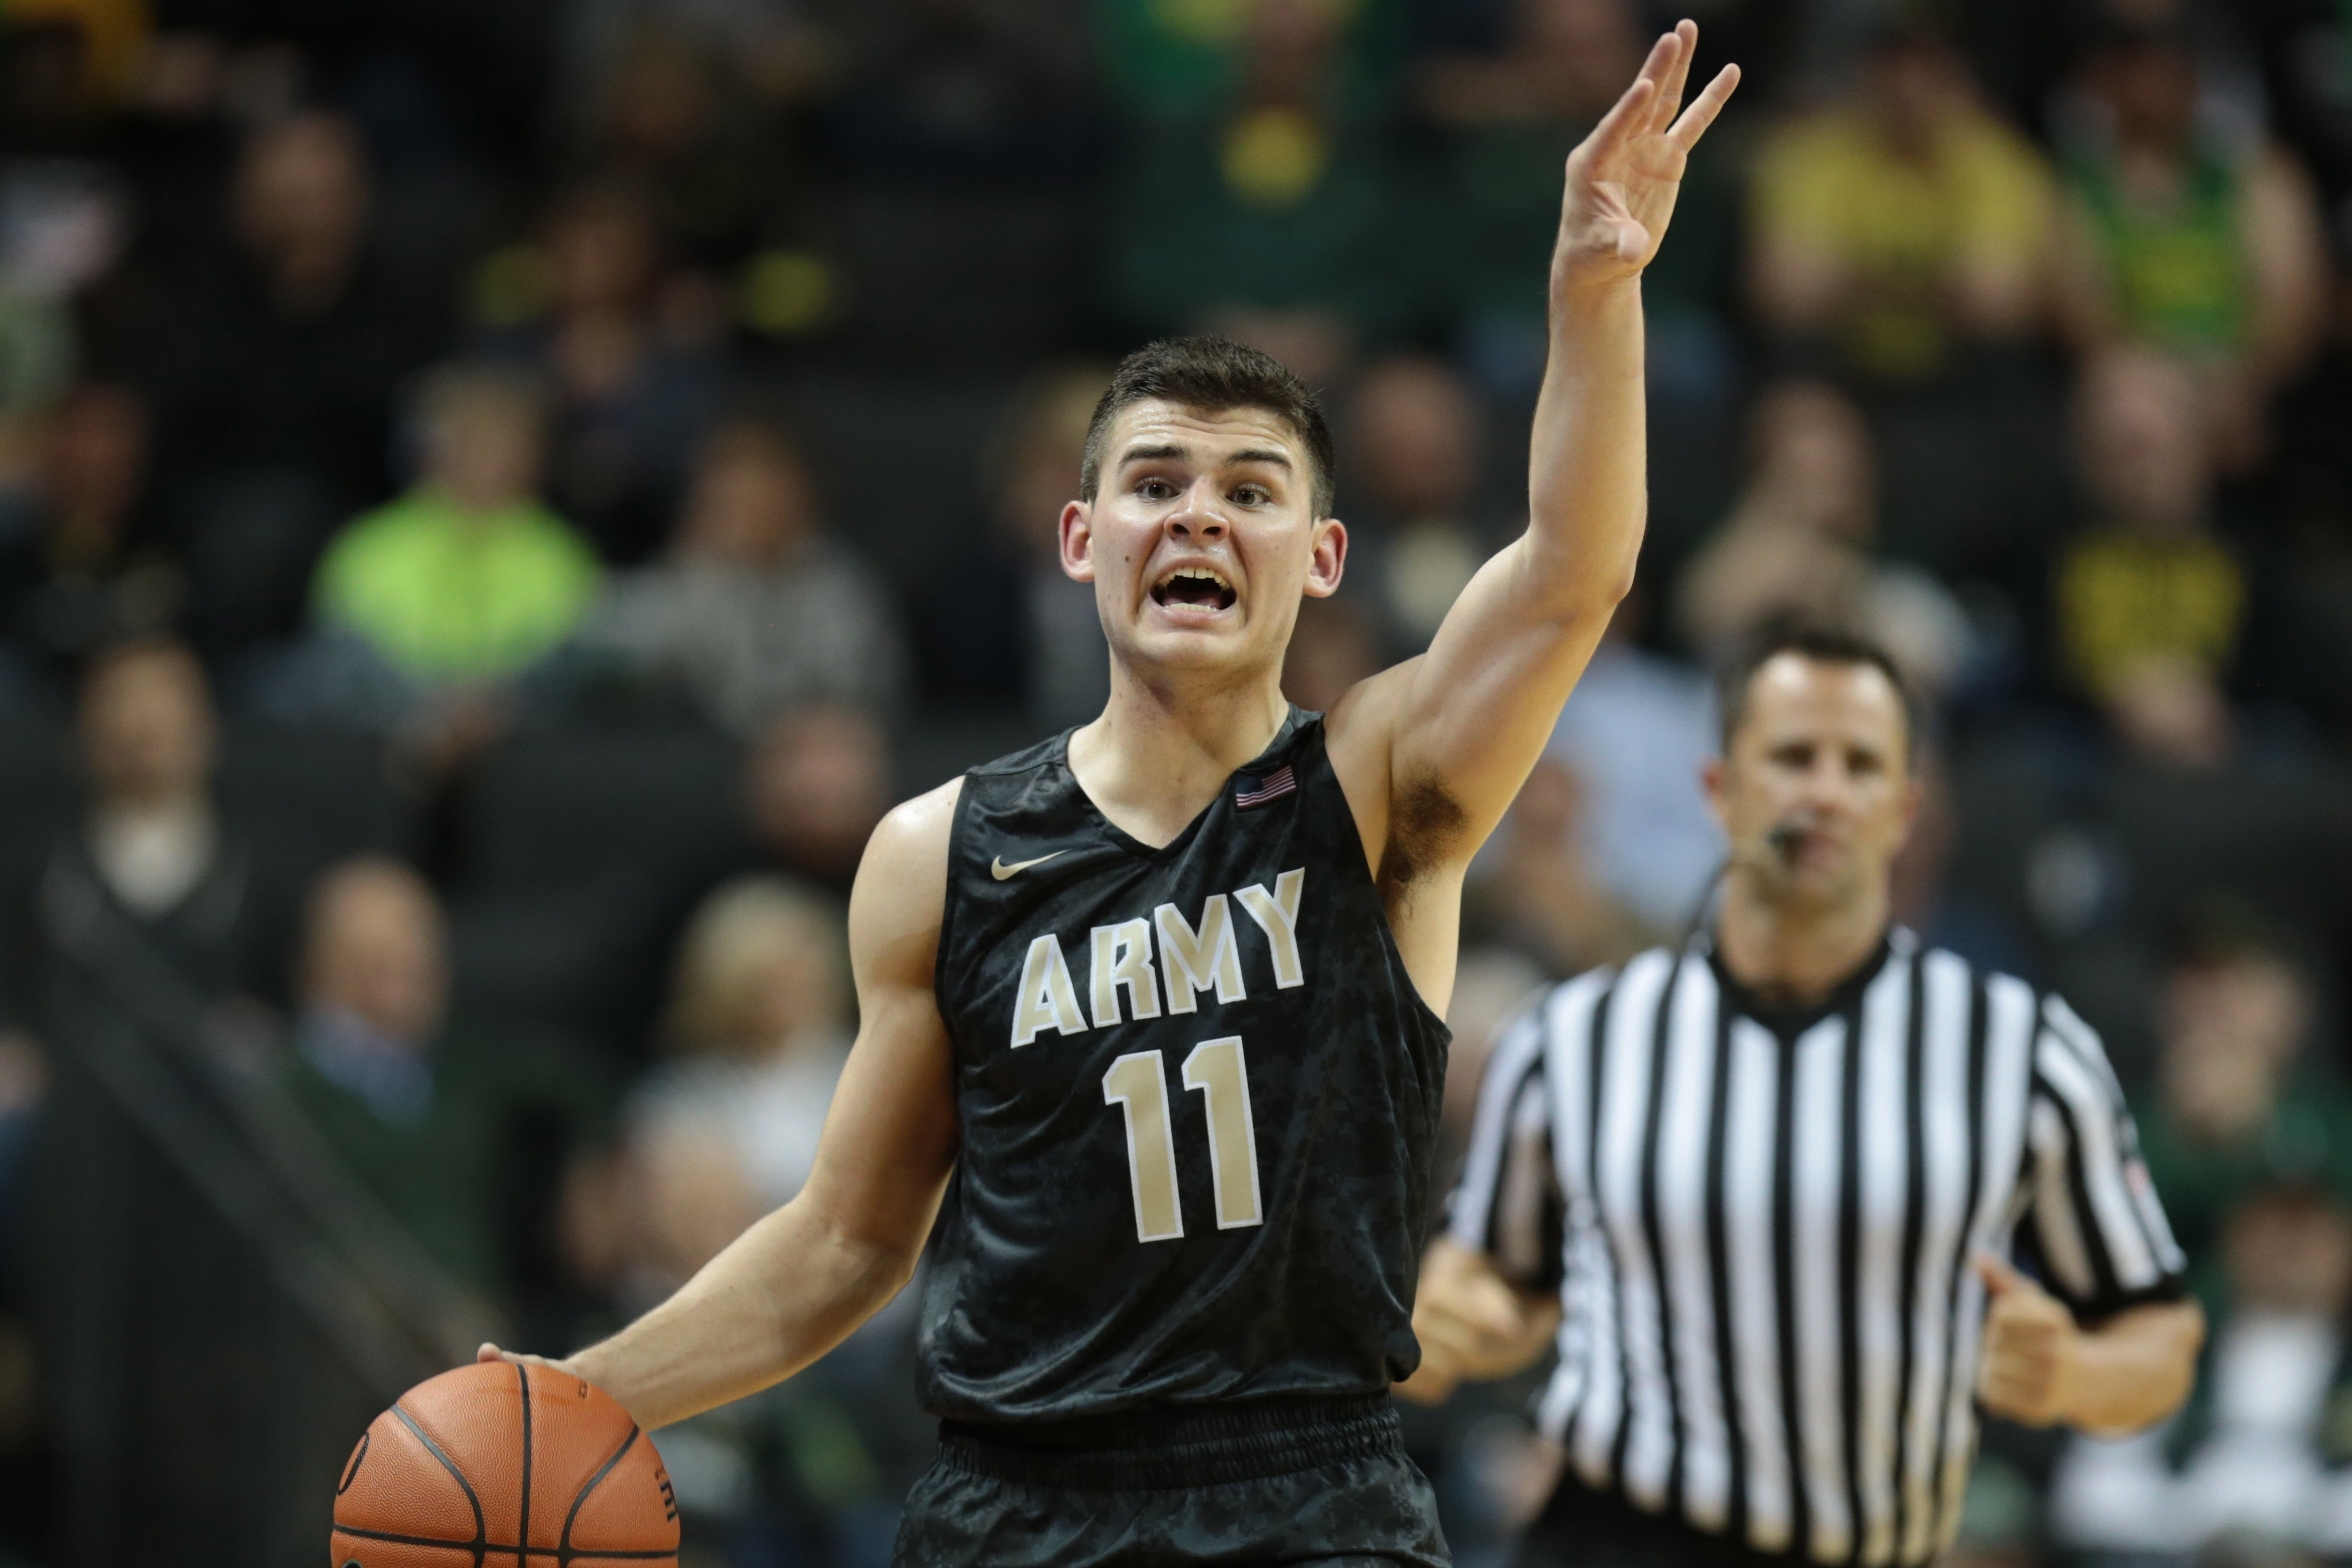 NCAA Basketball: Army at Oregon